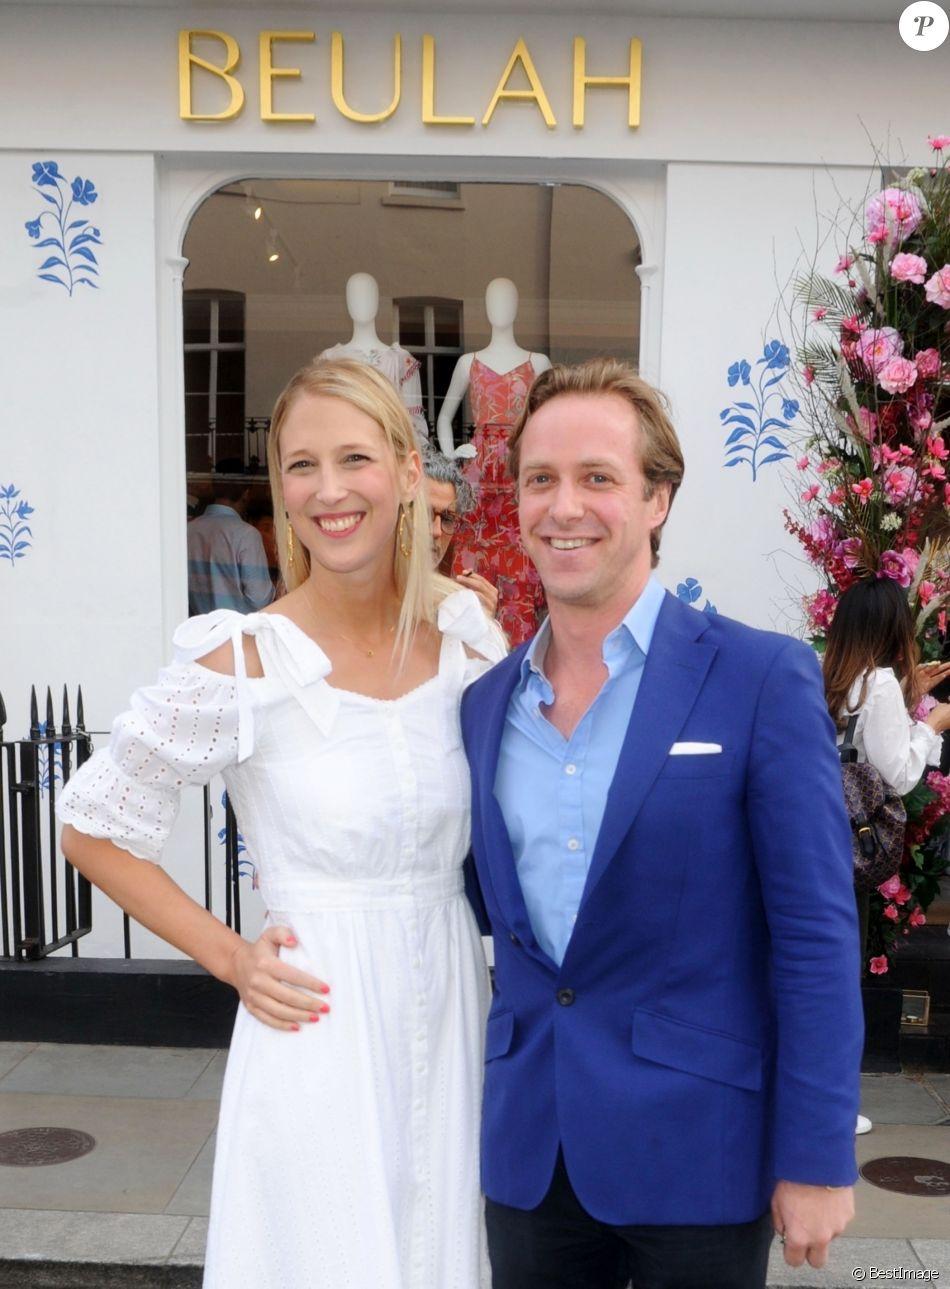 """Lady Gabriella Windsor et Thomas Kingston à l'inauguration du magasin """"Beulah"""" à Londres, le 16 mai 2018. Fiancés en août 2018, ils se marieront au printemps 2019."""